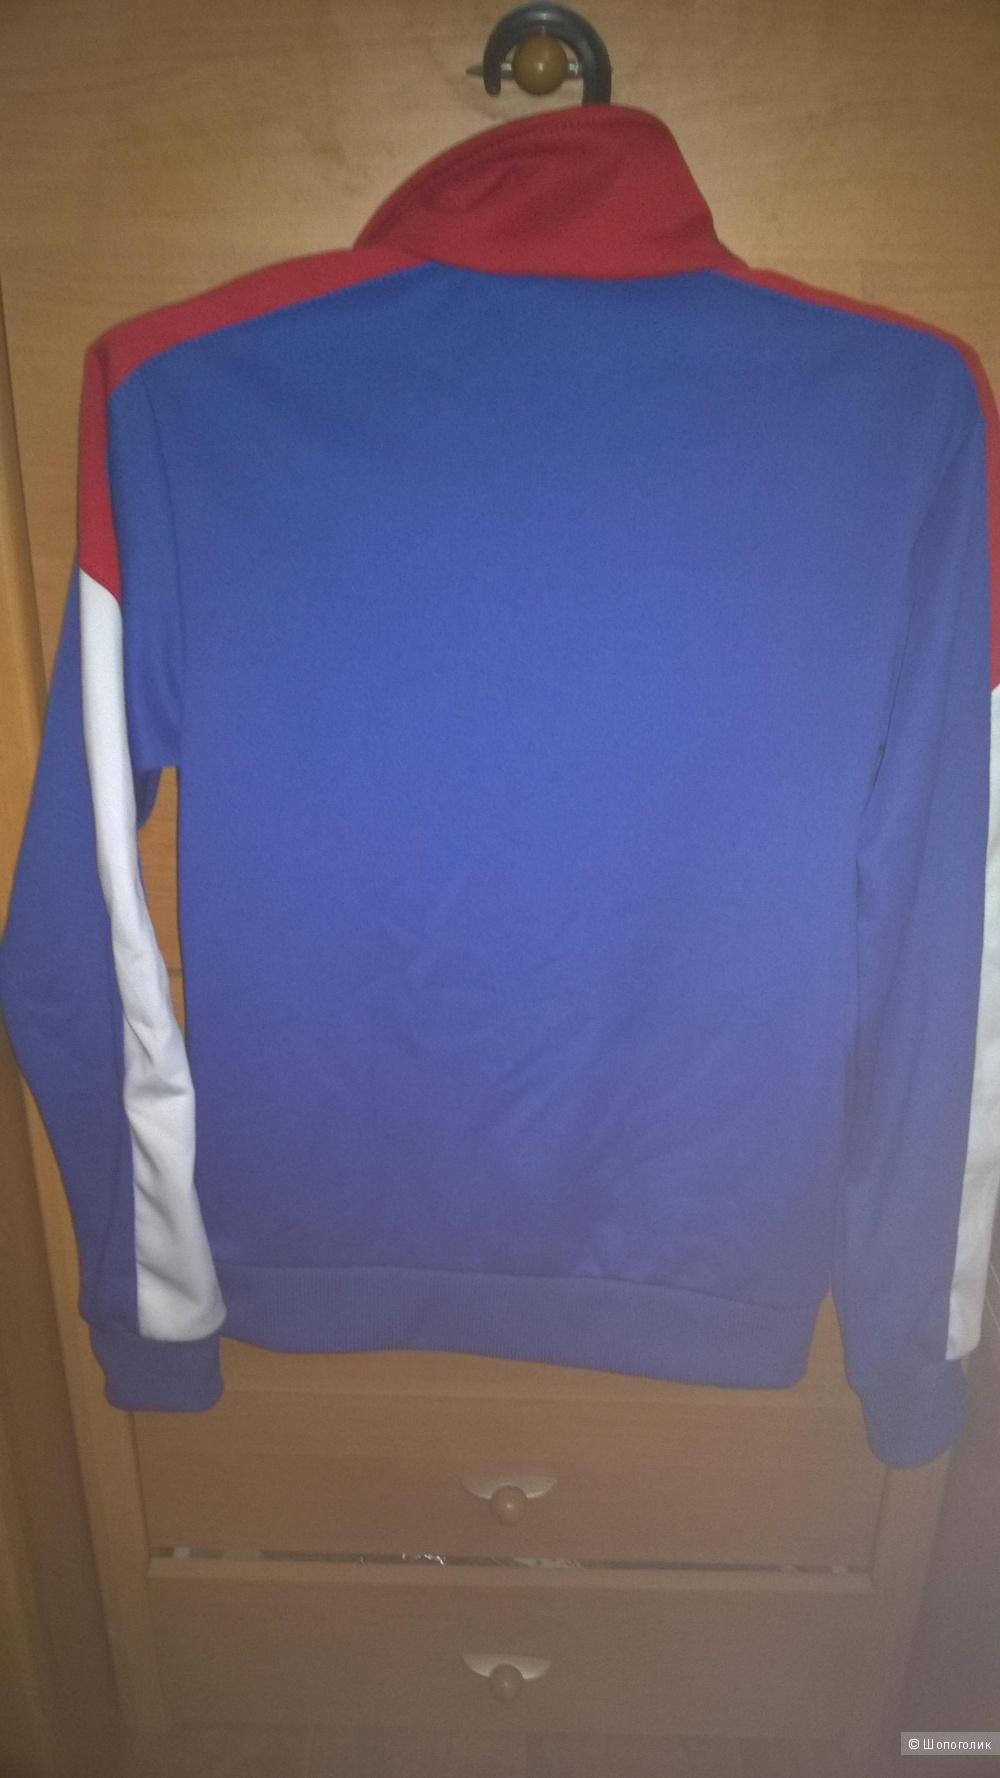 Спортивный костюм, Atlantasport, 44 размер